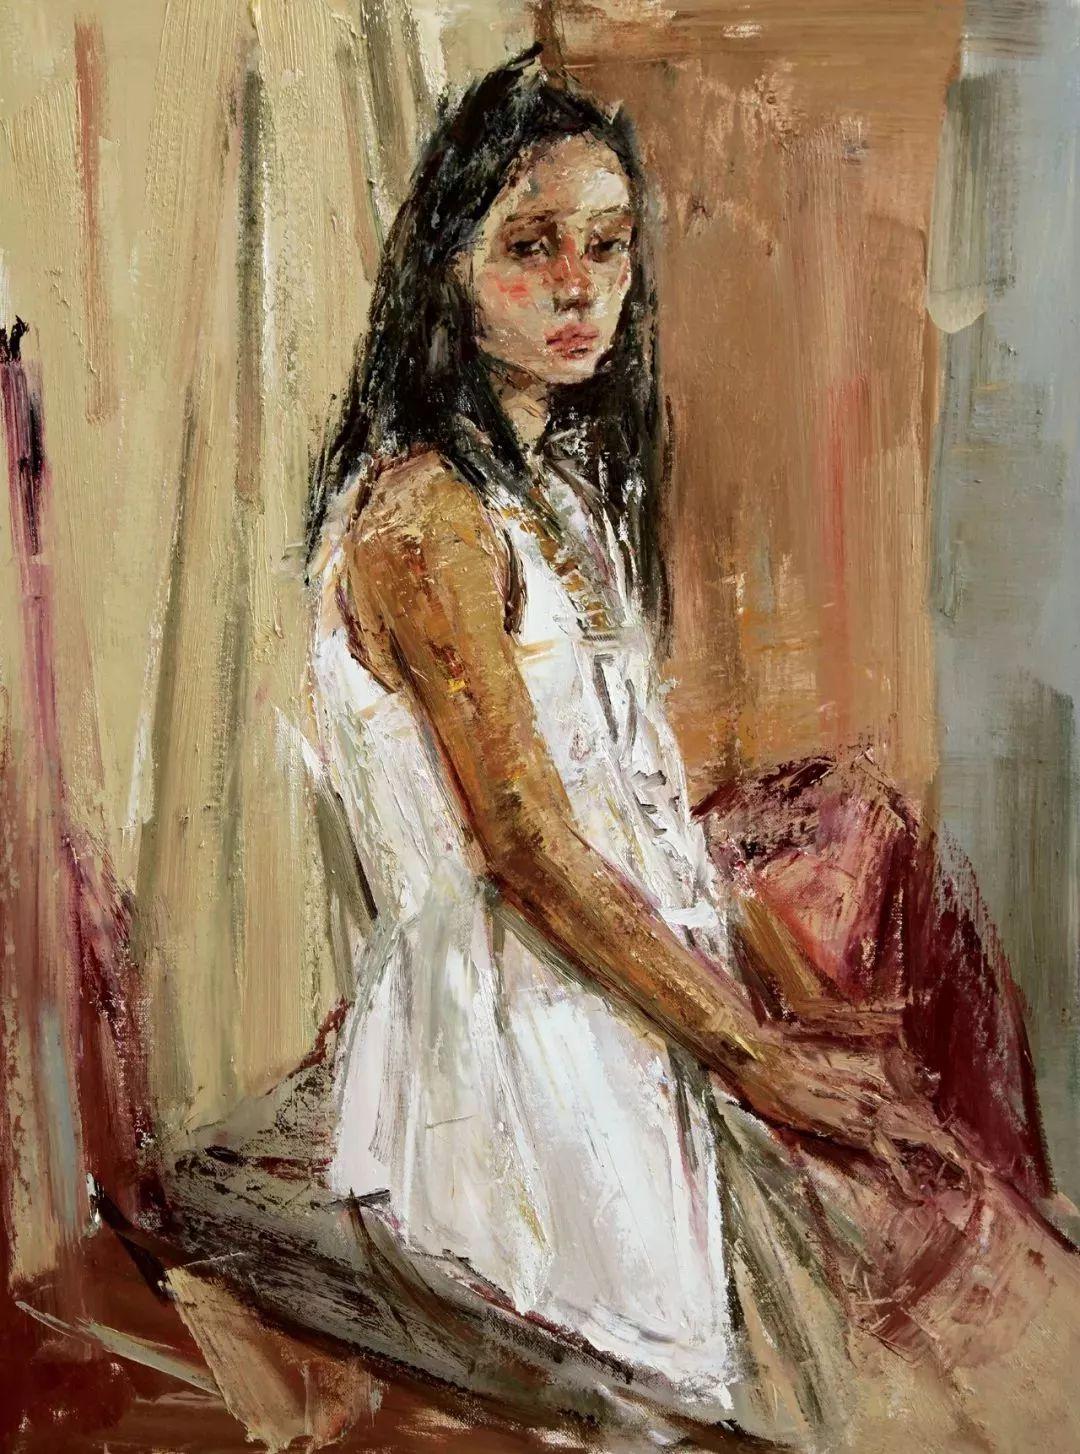 很难想到这作品出自一位清瘦高挑的美女艺术家之手插图48